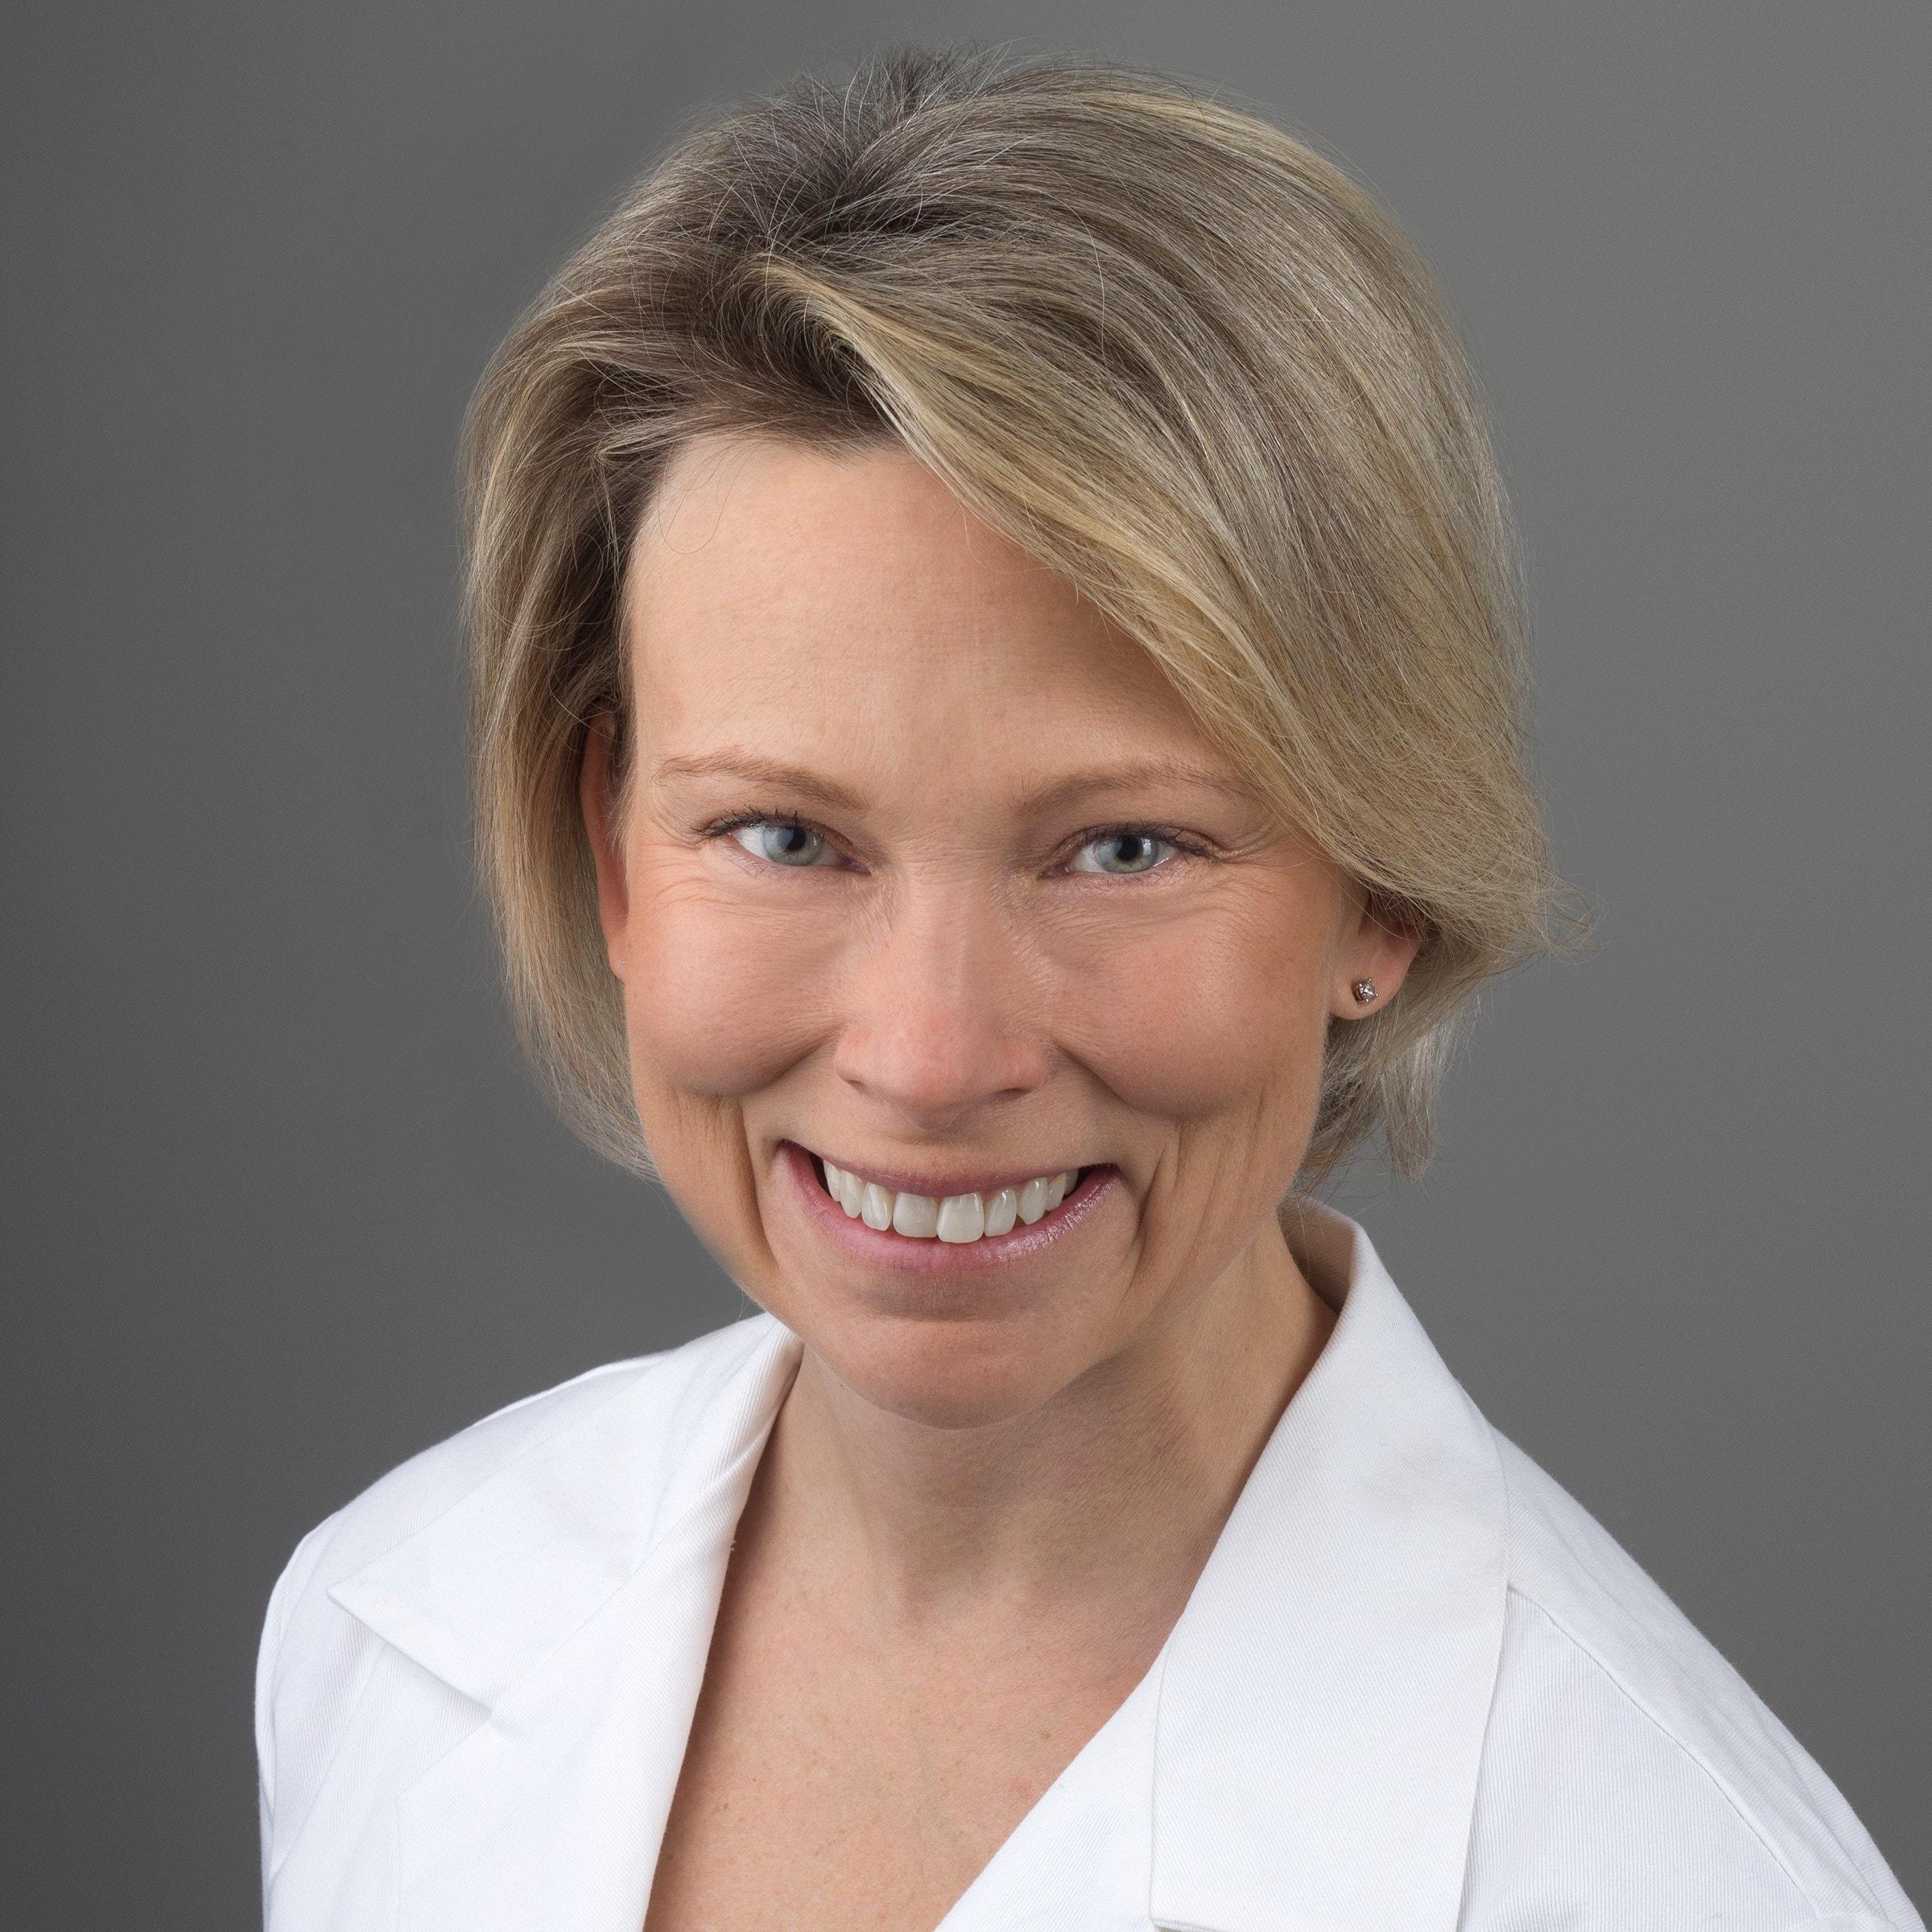 Dr. Heidi Rayala MD